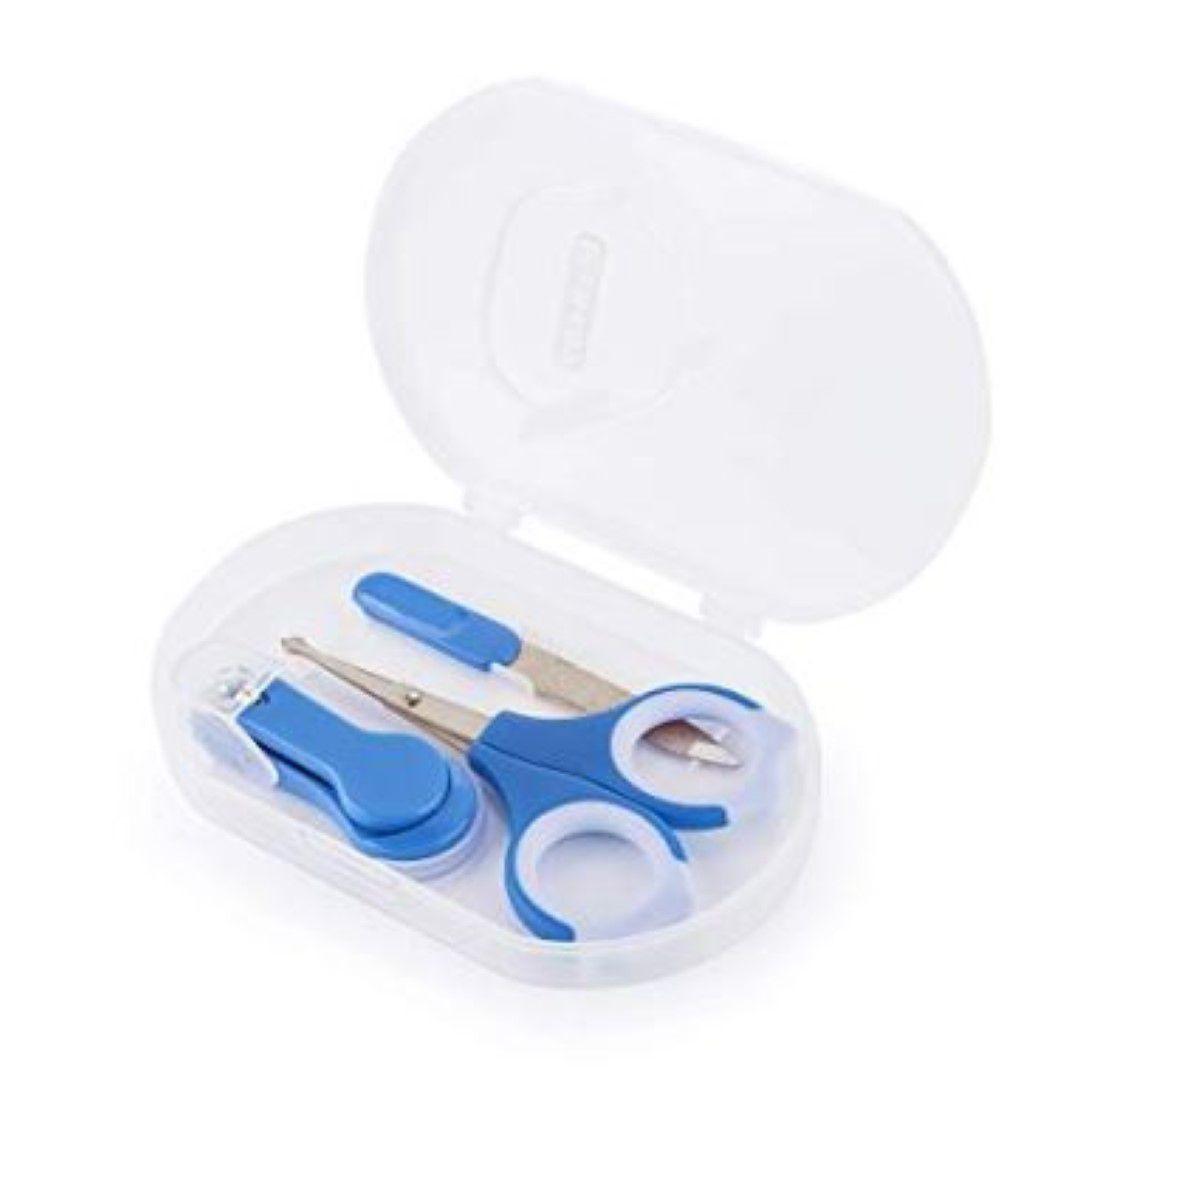 Kit Manicure Premium Azul Kababy Saude do seu bebe.